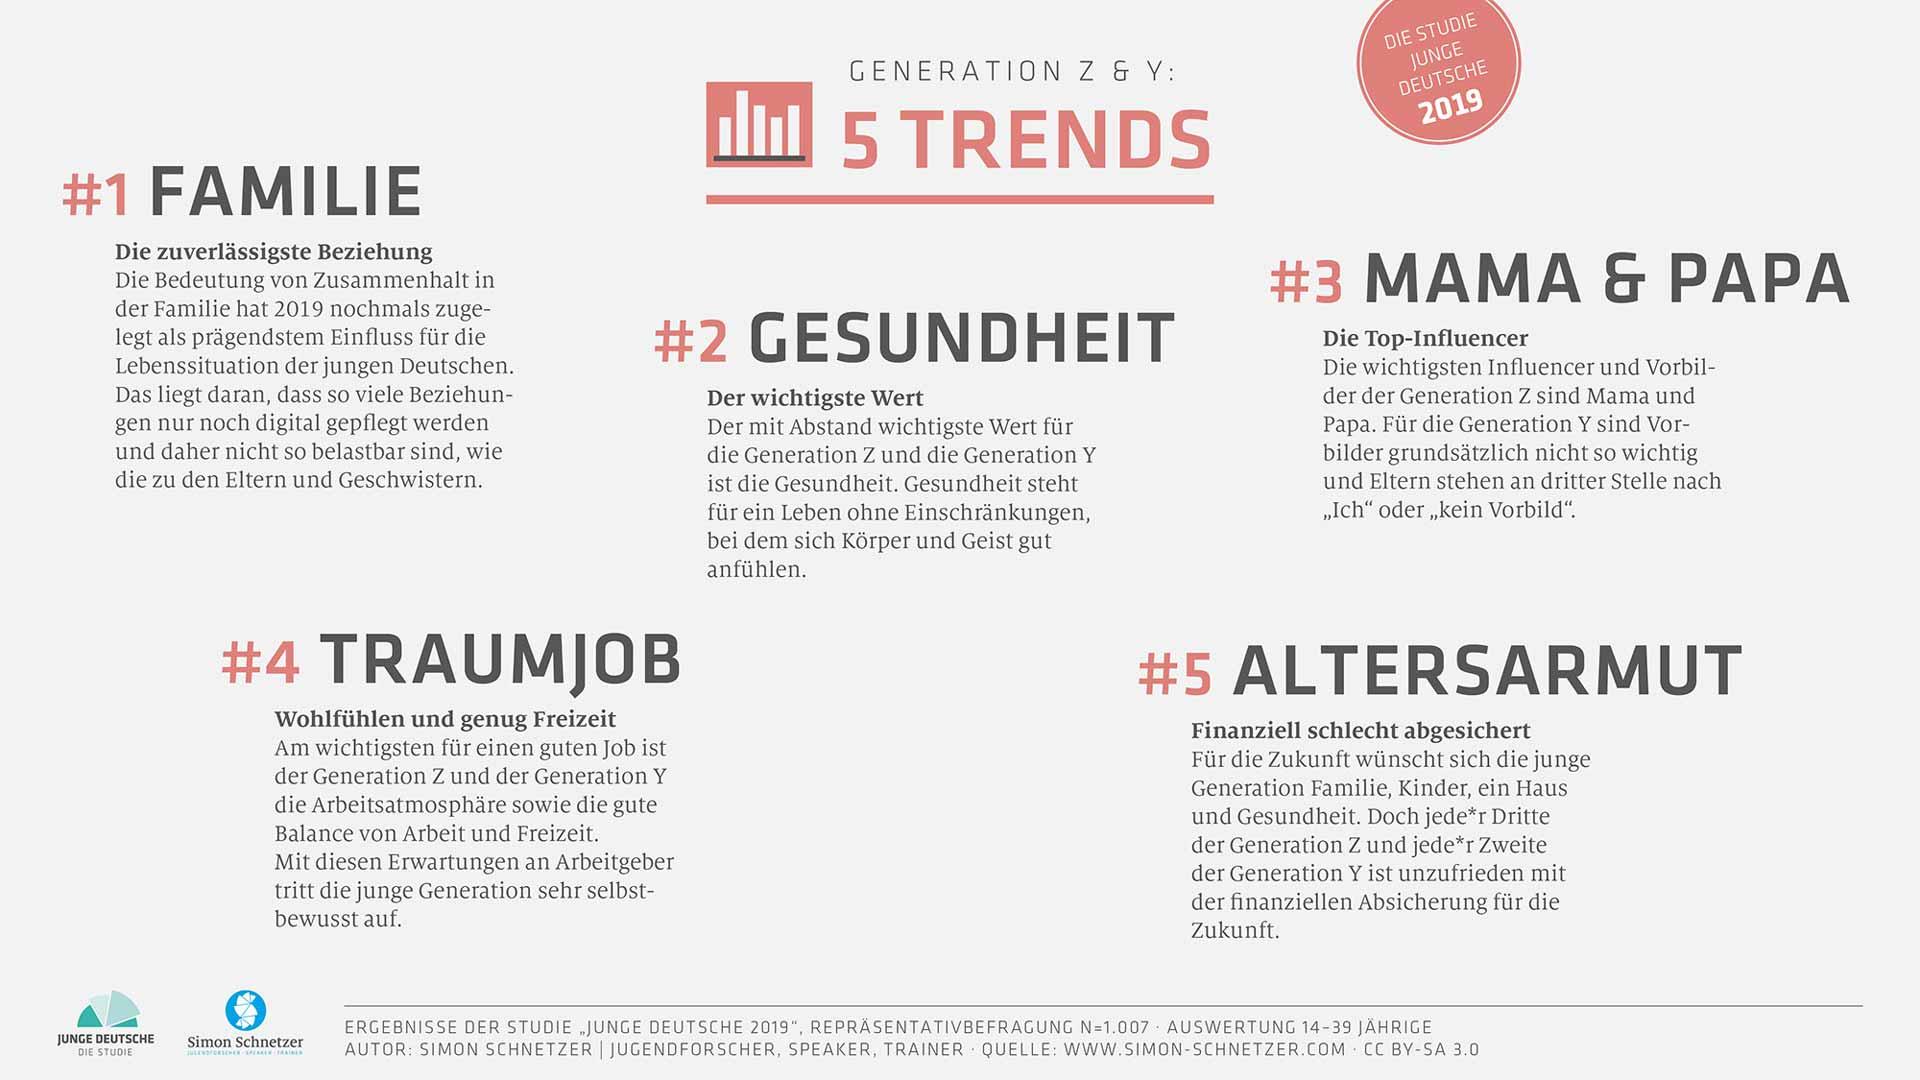 Infografik: Trends Generation Z Generation Y - Highlights Studie Junge Deutsche 2019 - Simon Schnetzer Jugendforscher